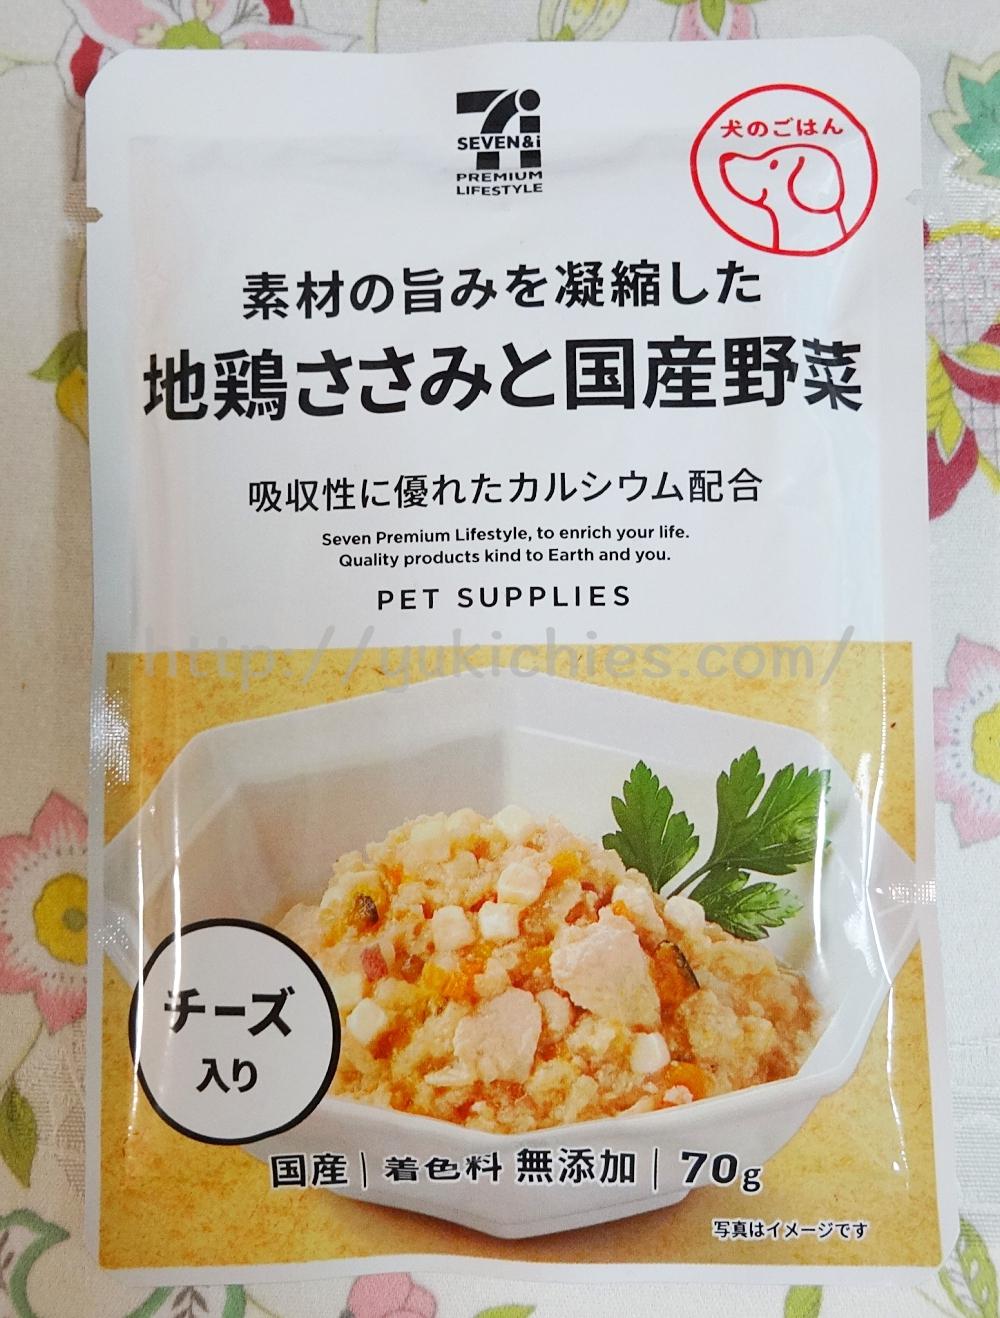 セブンイレブンプレミアム 素材の旨みを凝縮した地鶏ささみと国産野菜 吸収性に優れたカルシウム配合(チーズ入り) 国産・着色料・無添加